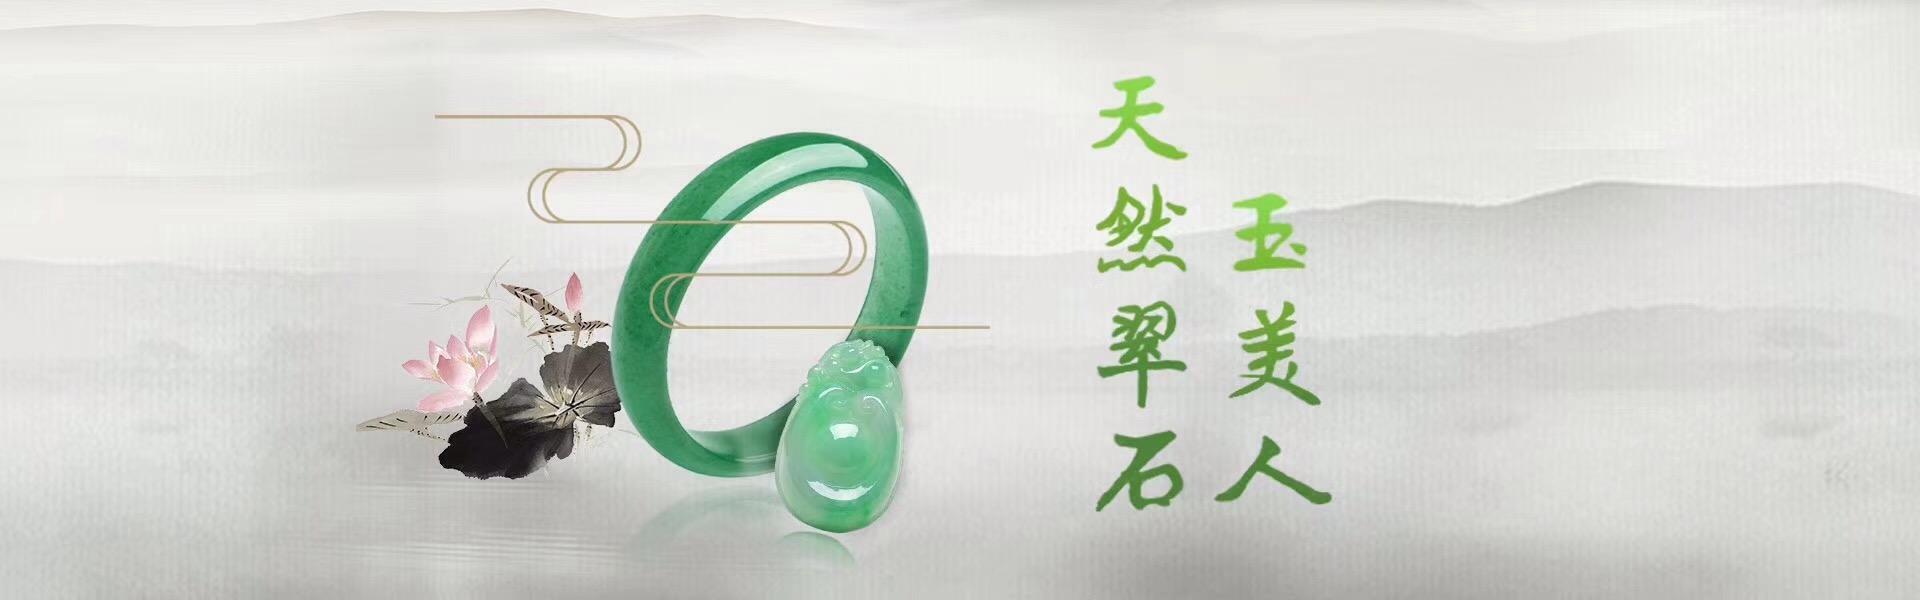 中山翡翠手鐲形狀哪家好_翡翠保養制造廠家,推薦玉美人珠寶